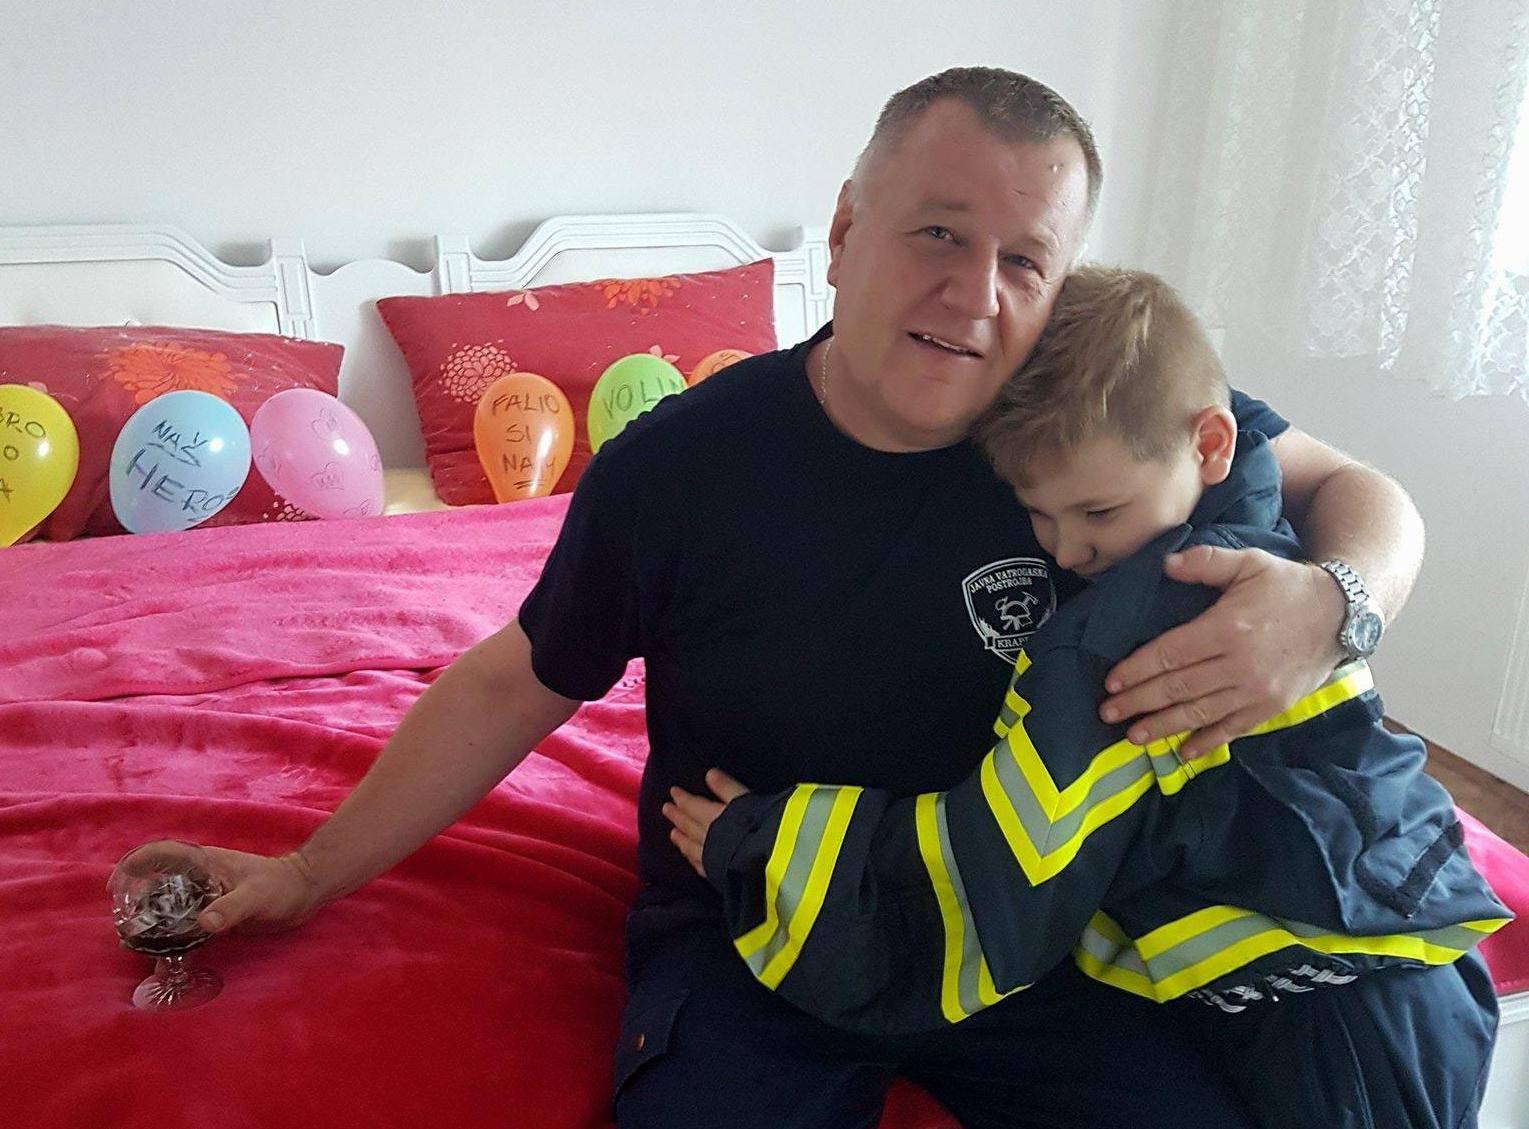 Dječak iz Krapine raznježio oca vatrogasca: 'Tata, ti si heroj!'